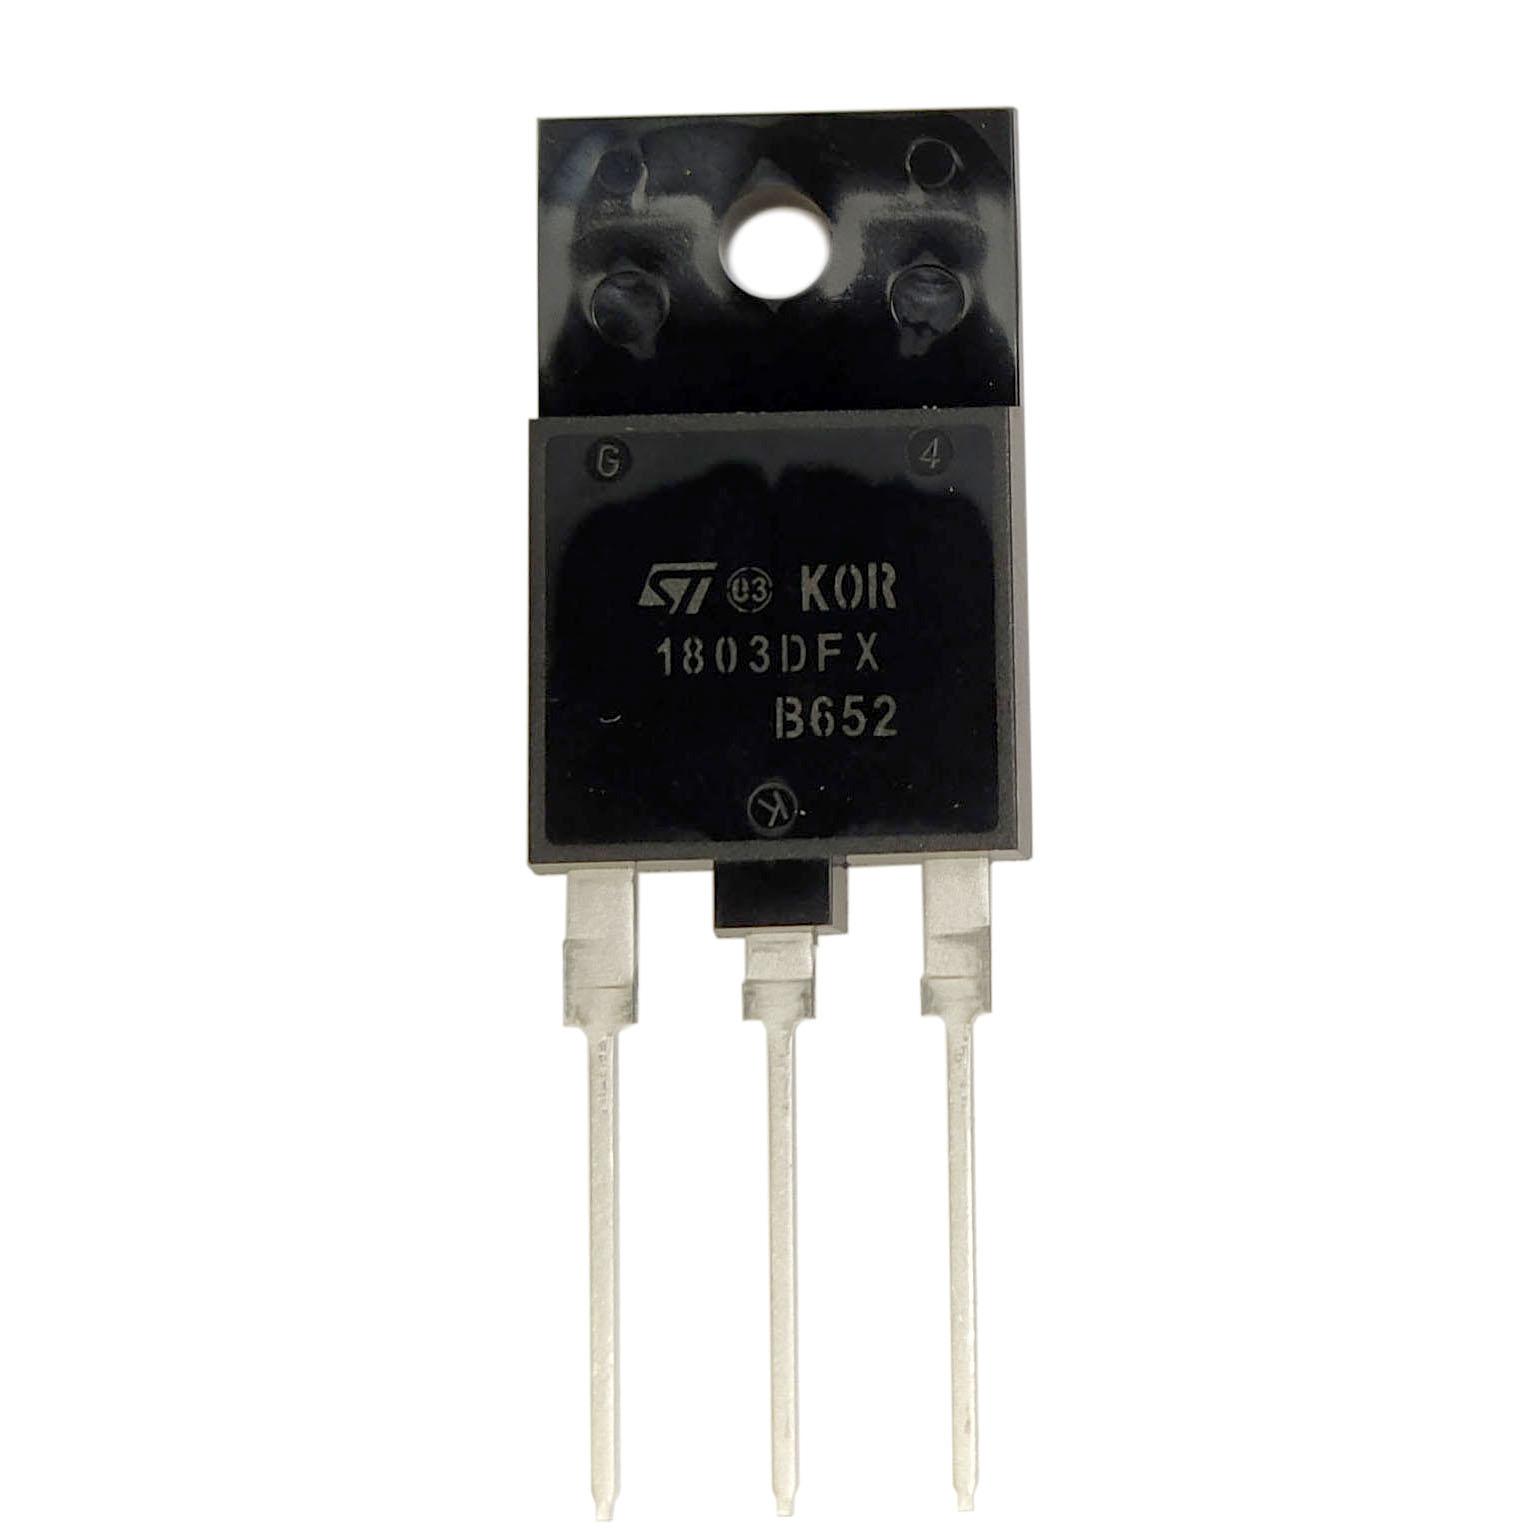 ترانزیستور اس تی کد  1803DFX بسته 4 عددی